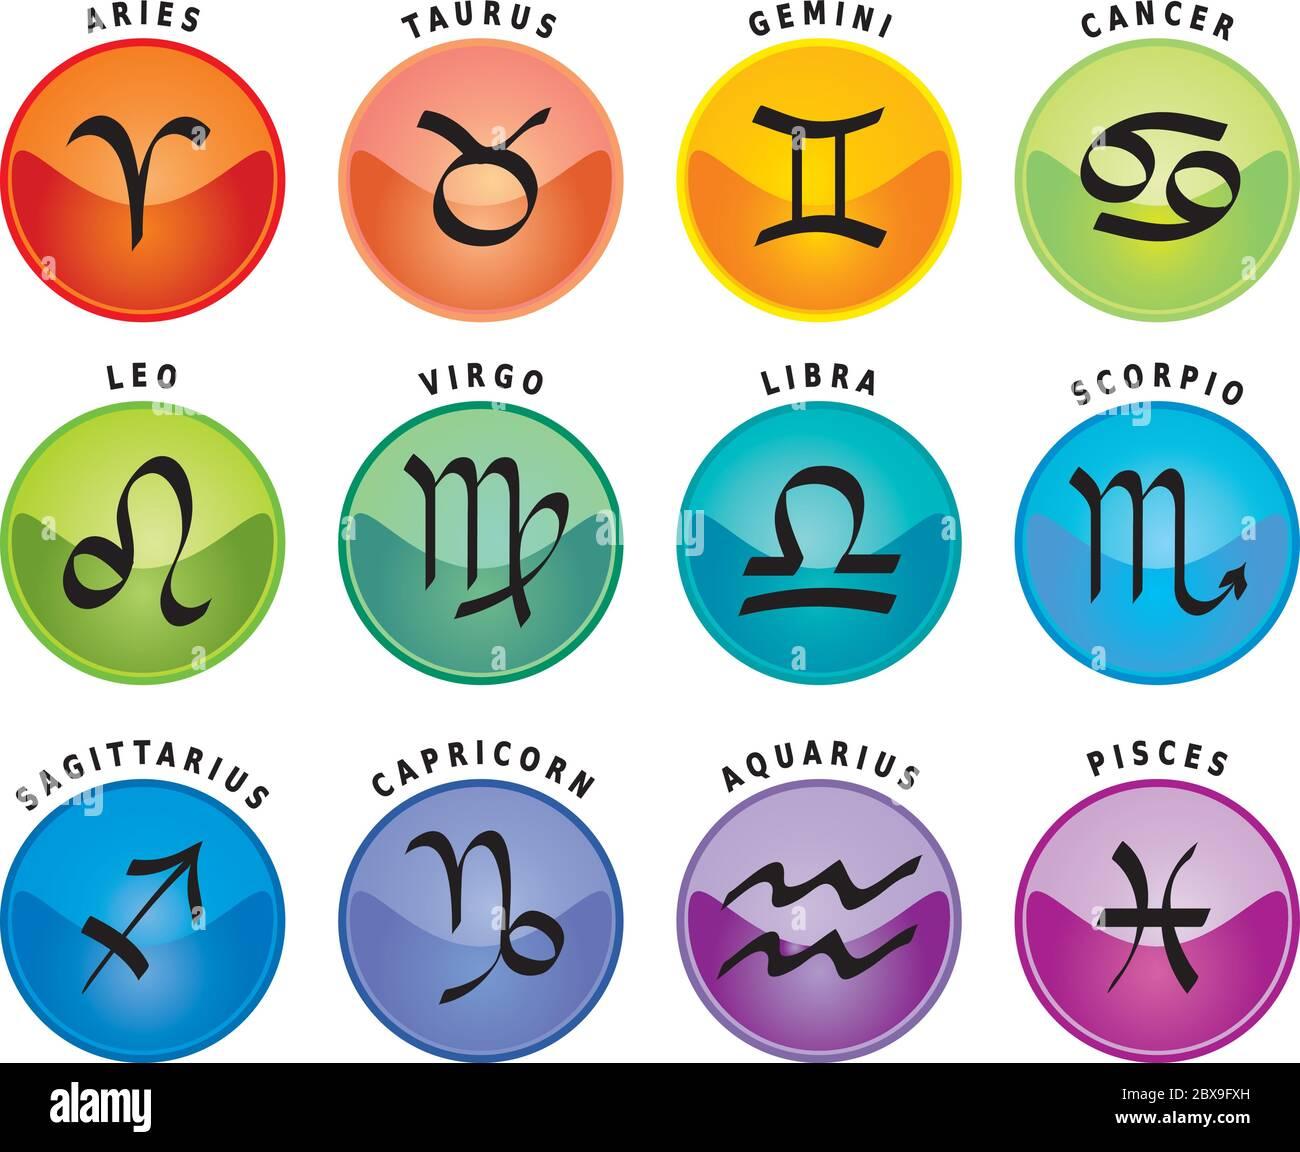 Signos Del Zodiaco Doce Iconos De Astrología Con Nombres En Inglés Imagen Vector De Stock Alamy